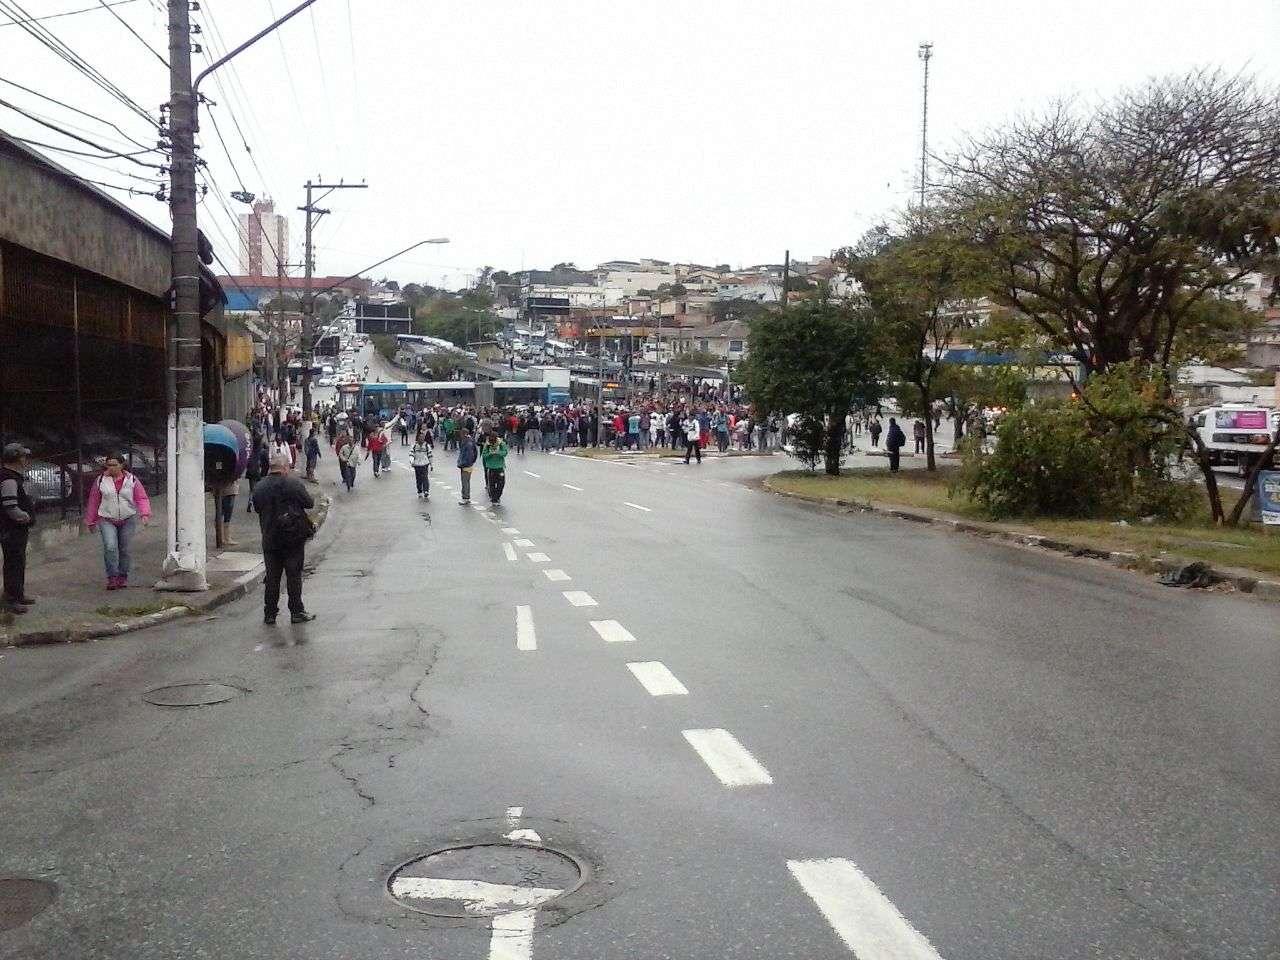 Foto: Jailson Pereira dos Santos/vc repórter